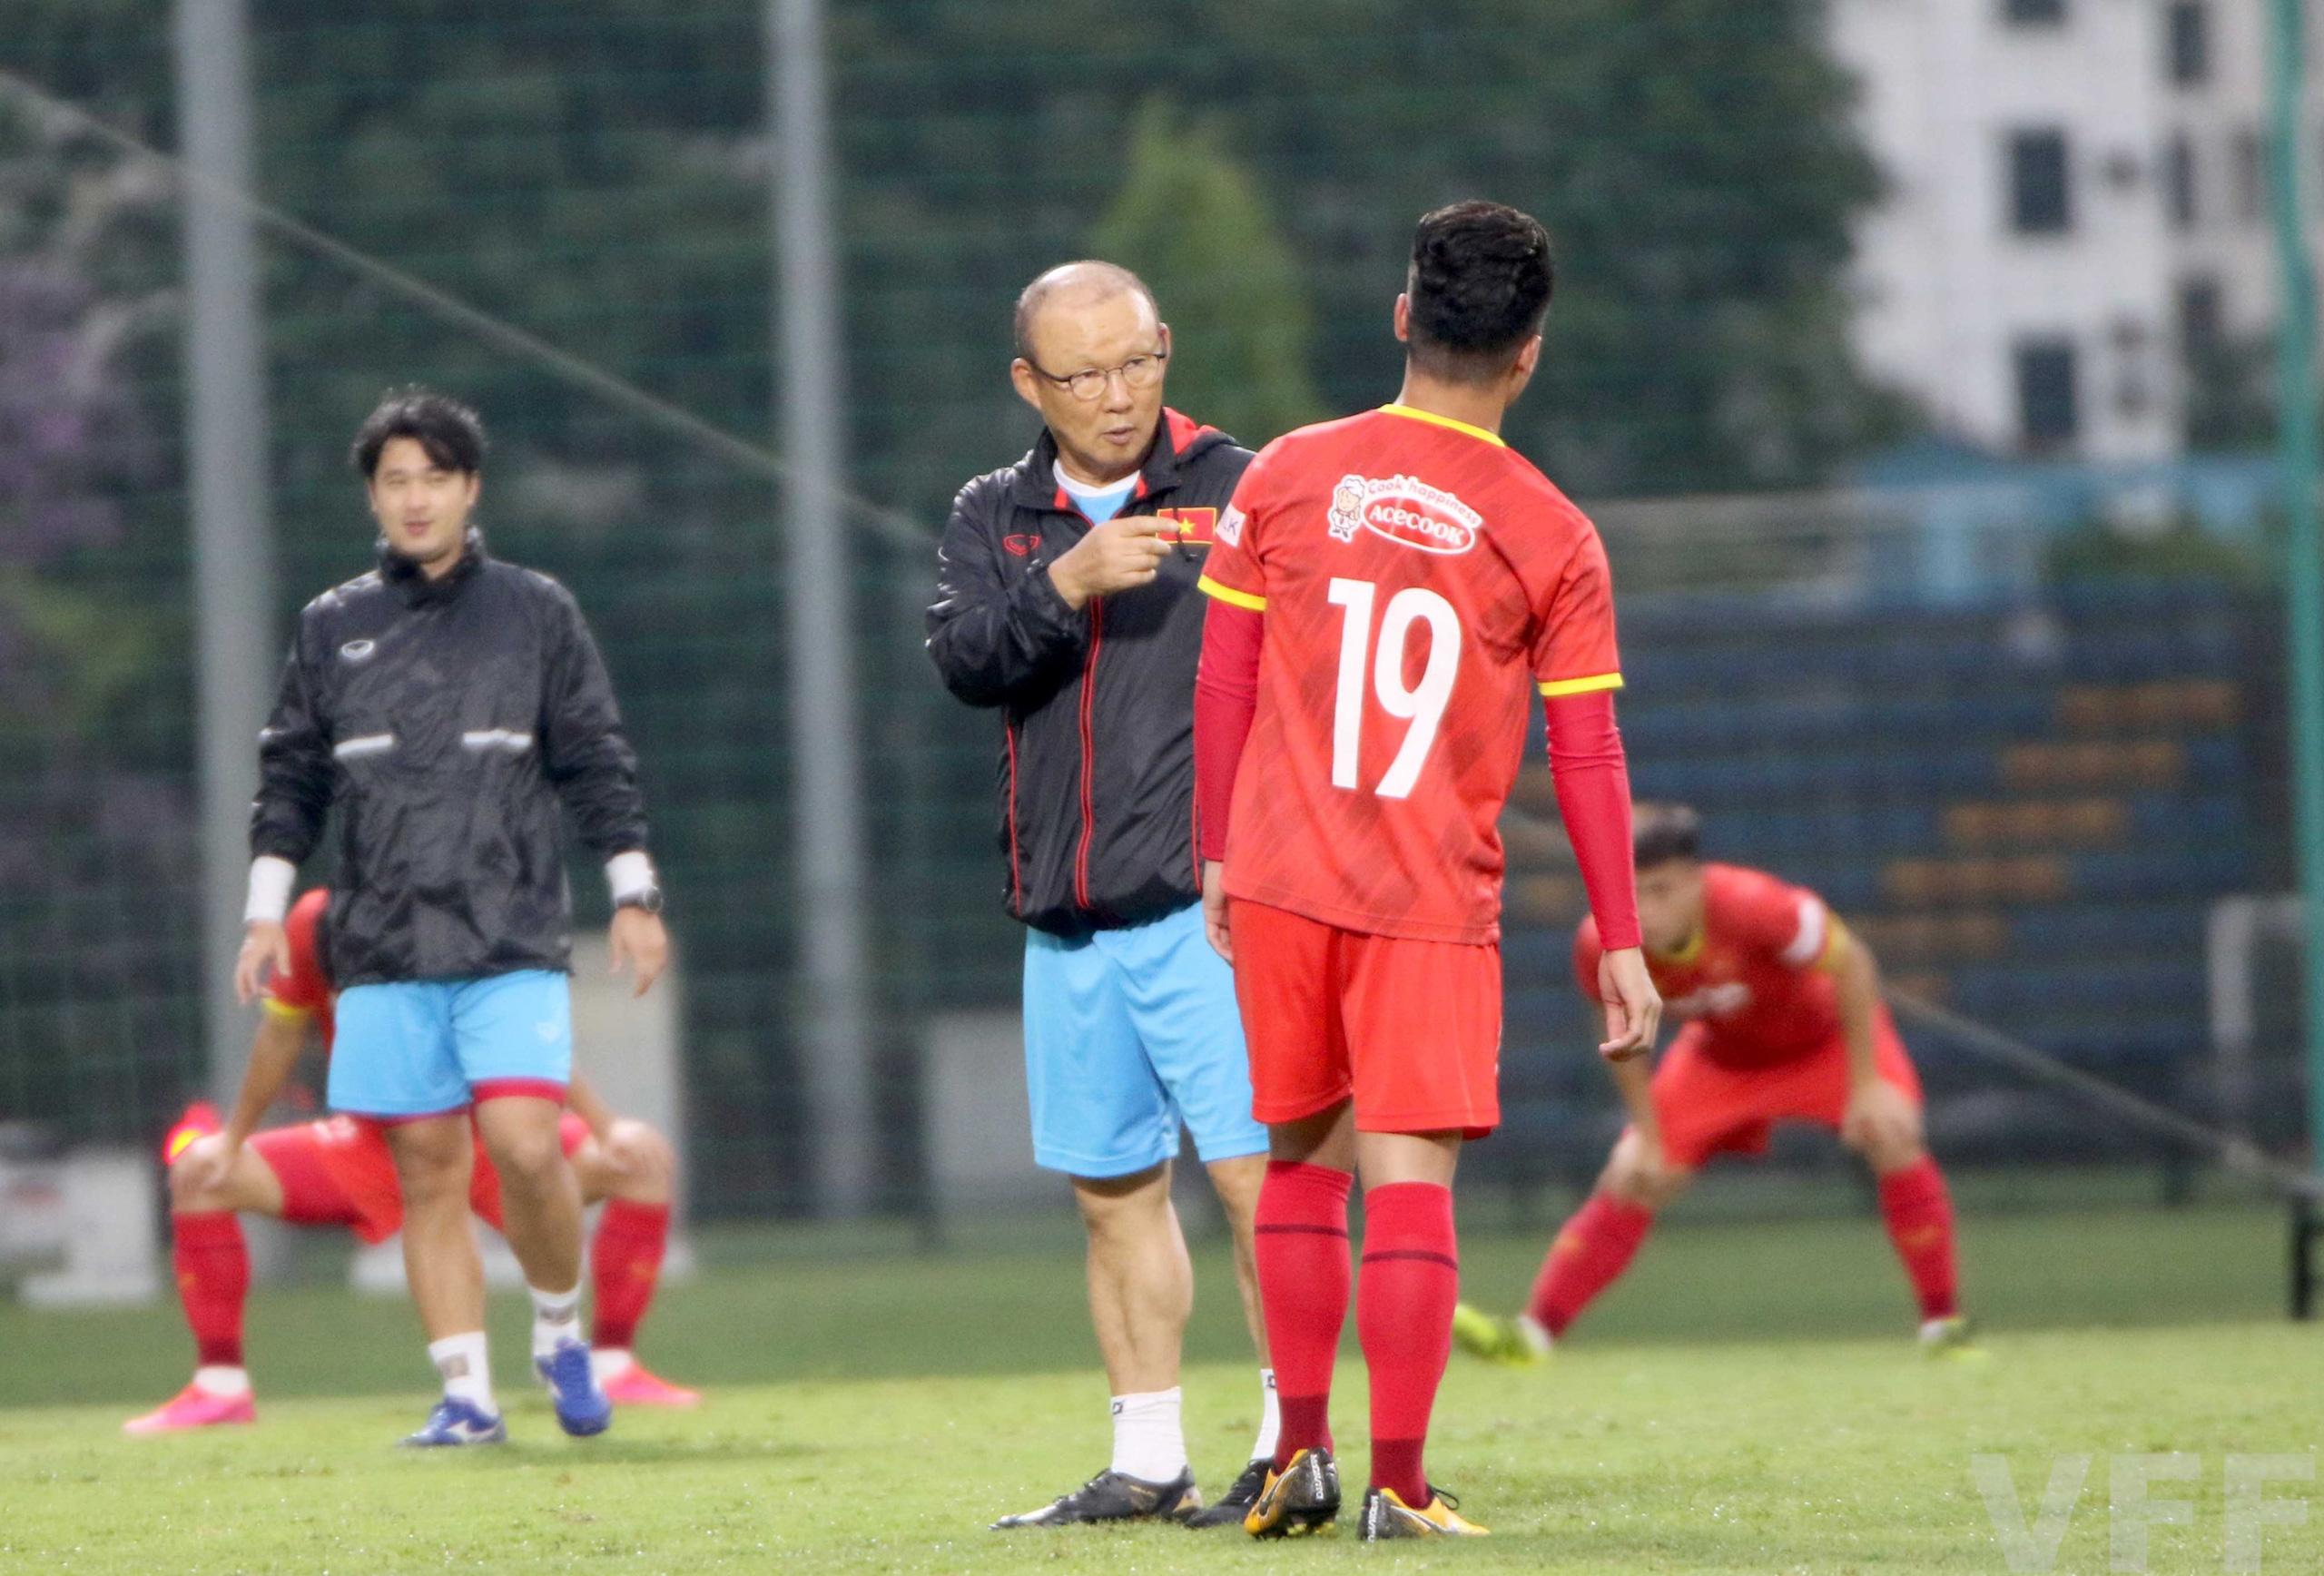 """HLV Park Hang-seo """"làm xiếc"""" với bóng khiến học trò ngỡ ngàng! - Ảnh 7."""